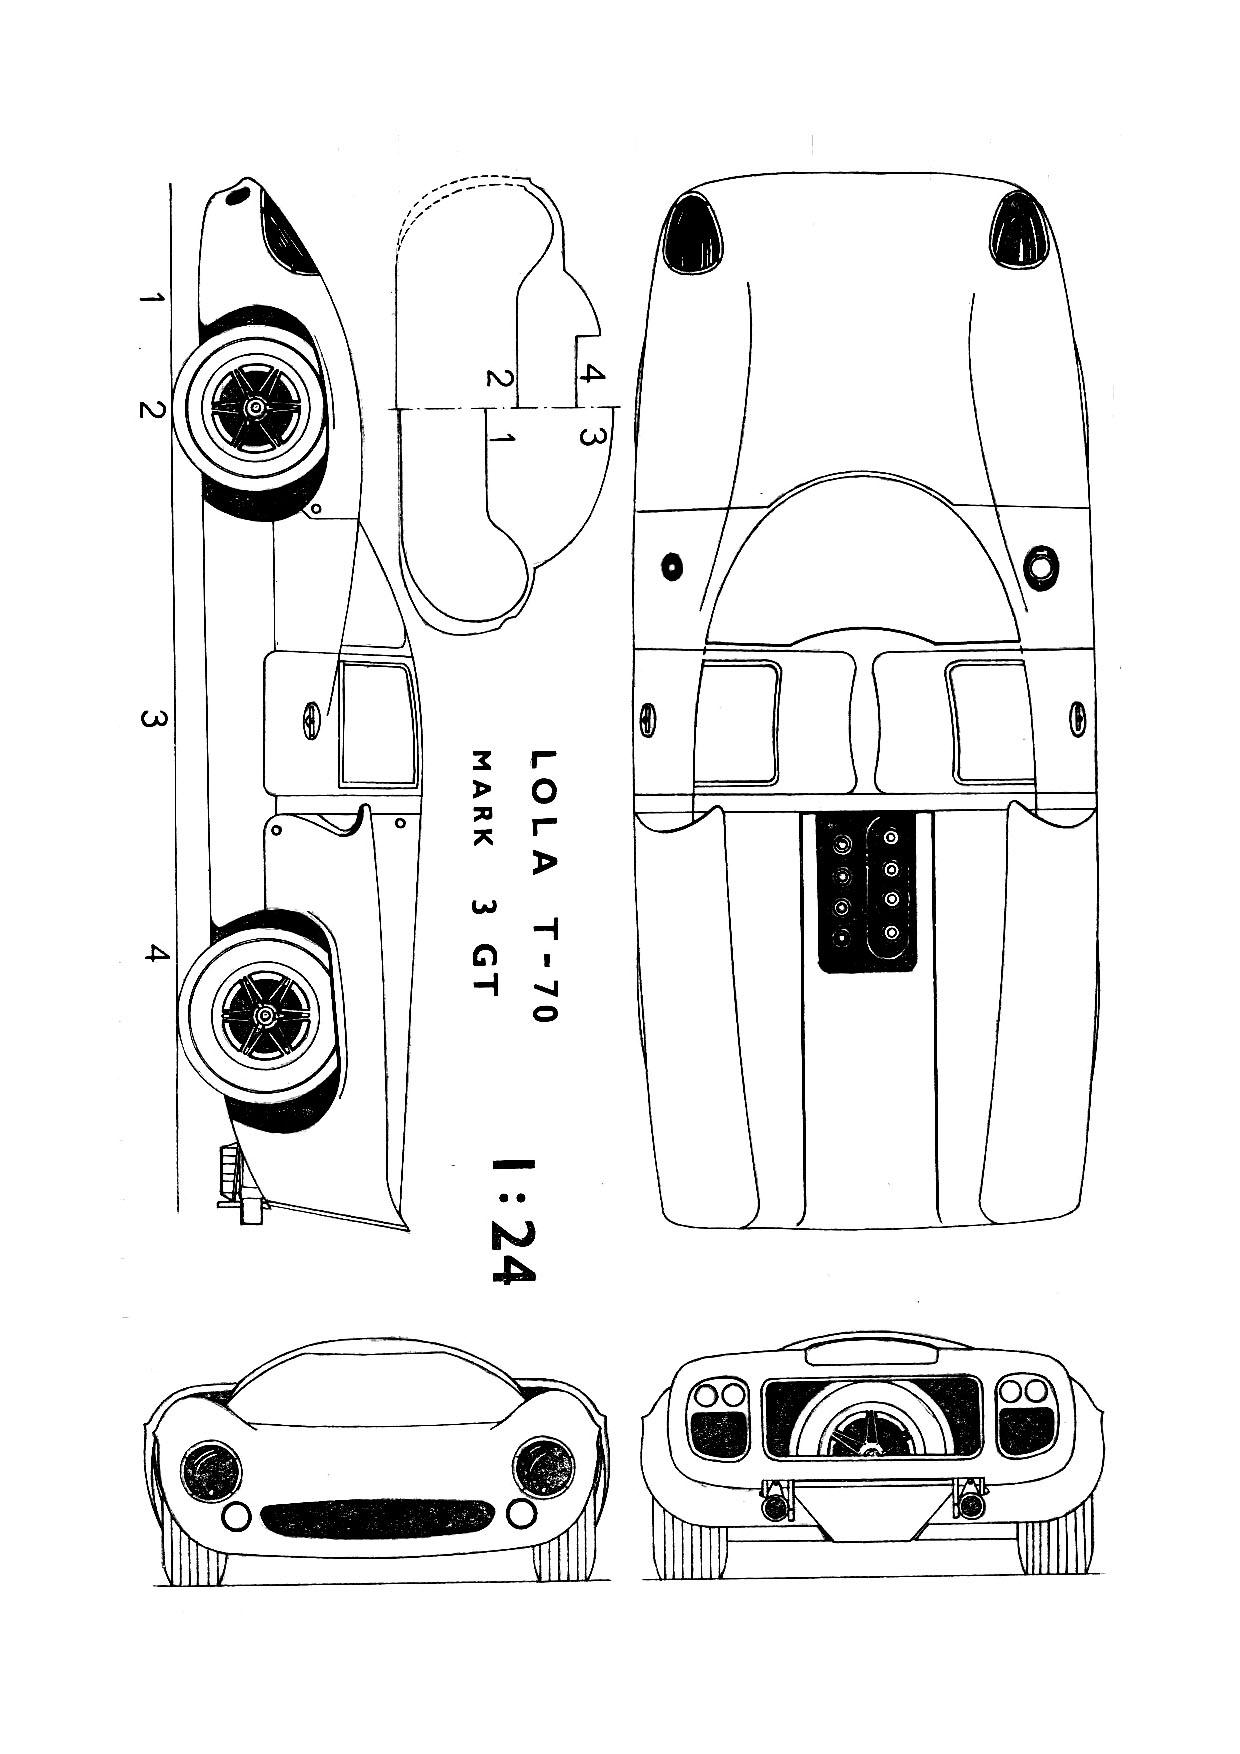 Lola T70 Blueprint